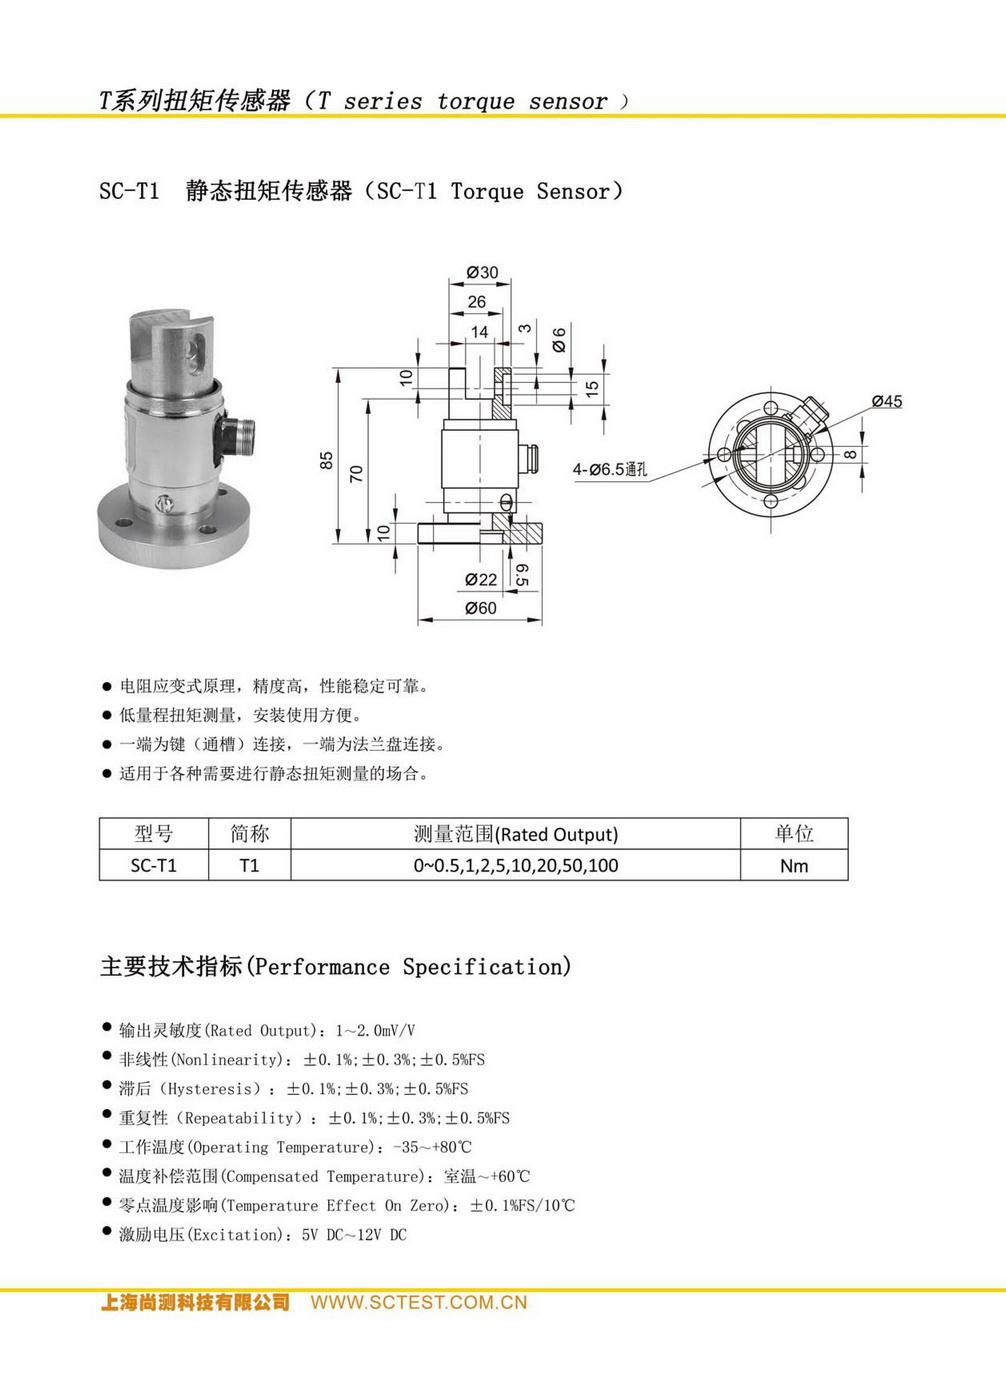 尚测科技产品选型手册 V1.3_页面_13_调整大小.jpg